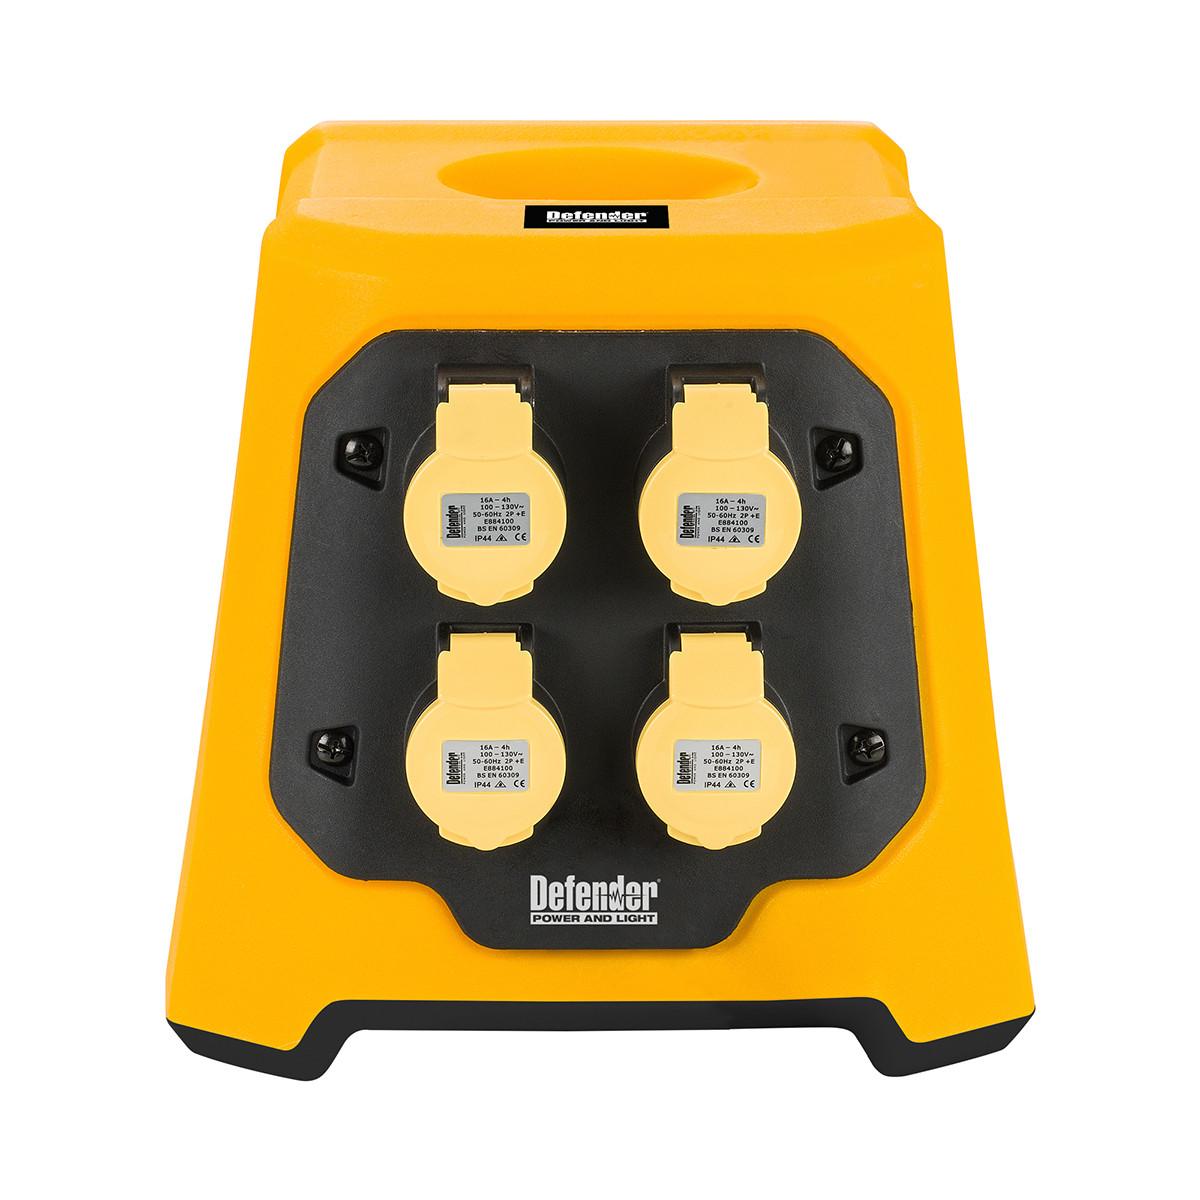 Defender Uplight Splitter Base only 110V